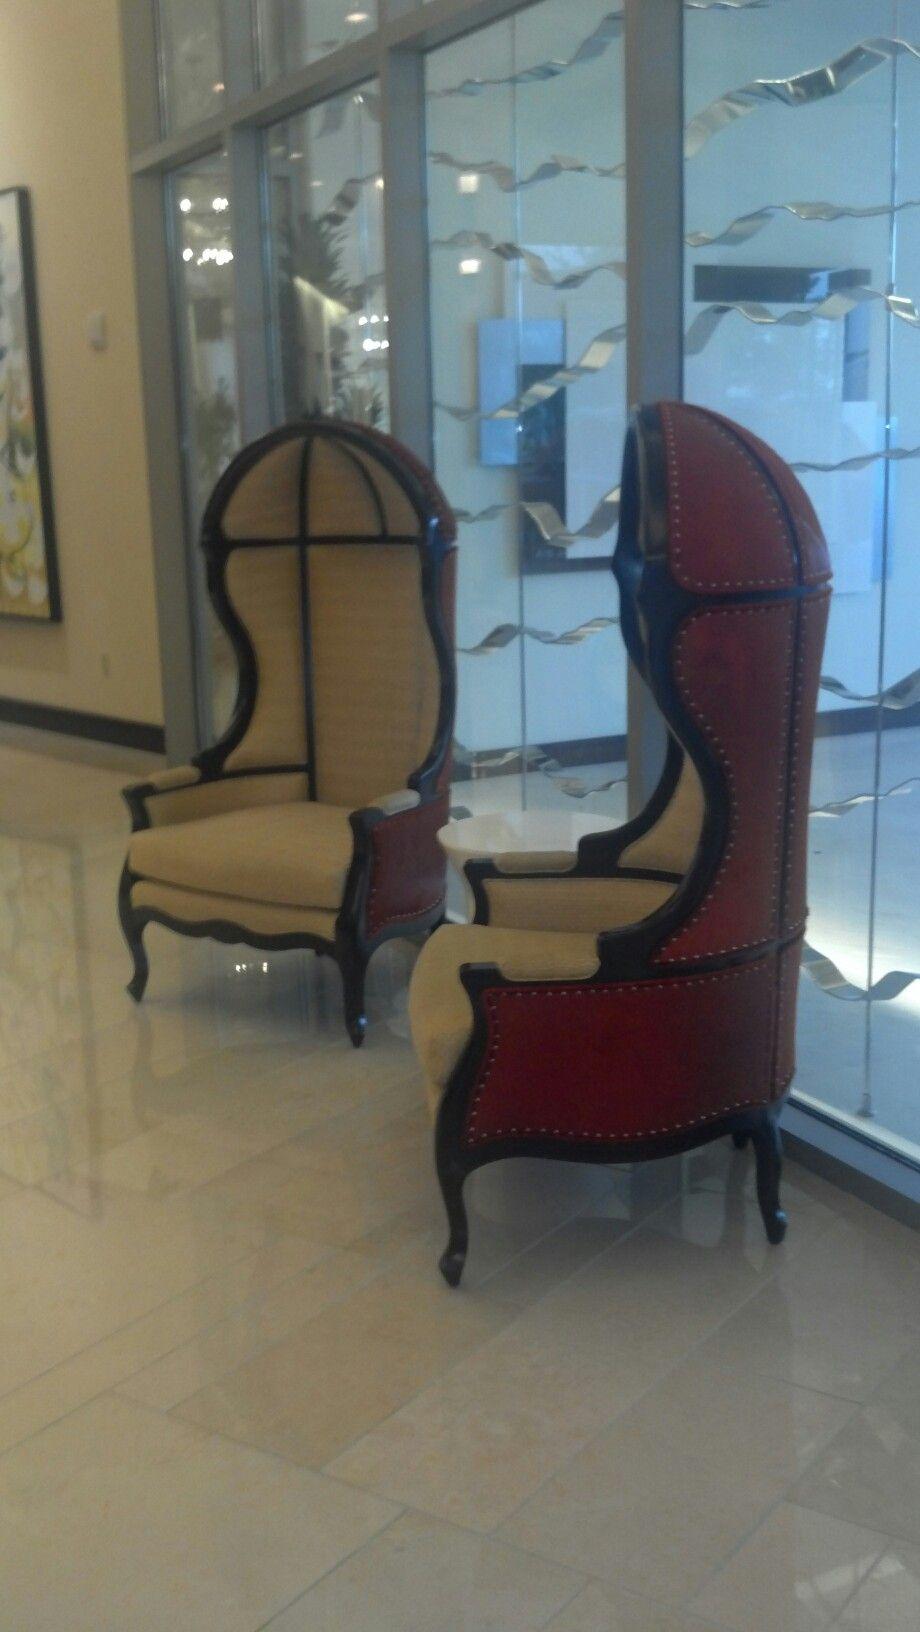 Unique Chairs Renaissance Hotel In Baton Rouge